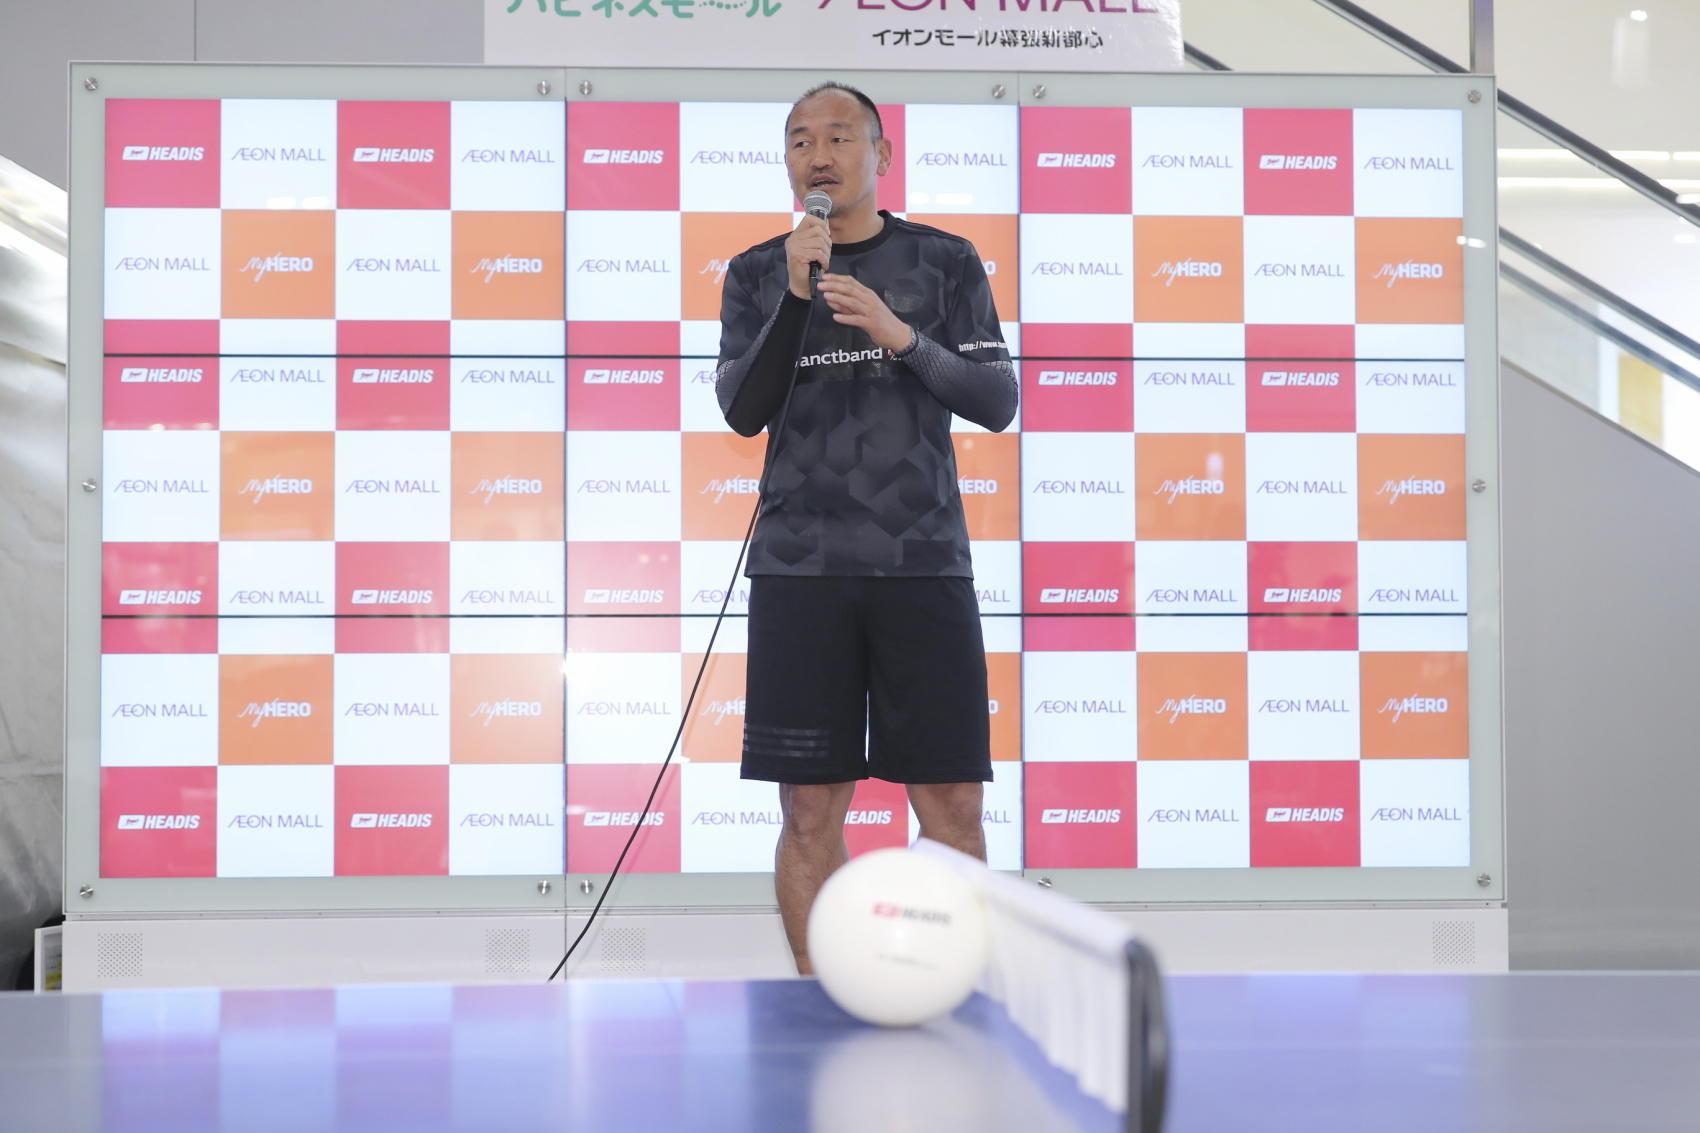 http://news.yoshimoto.co.jp/20180220173929-55f403df56dc10d0ada0551e8d7568d4943276bd.jpg